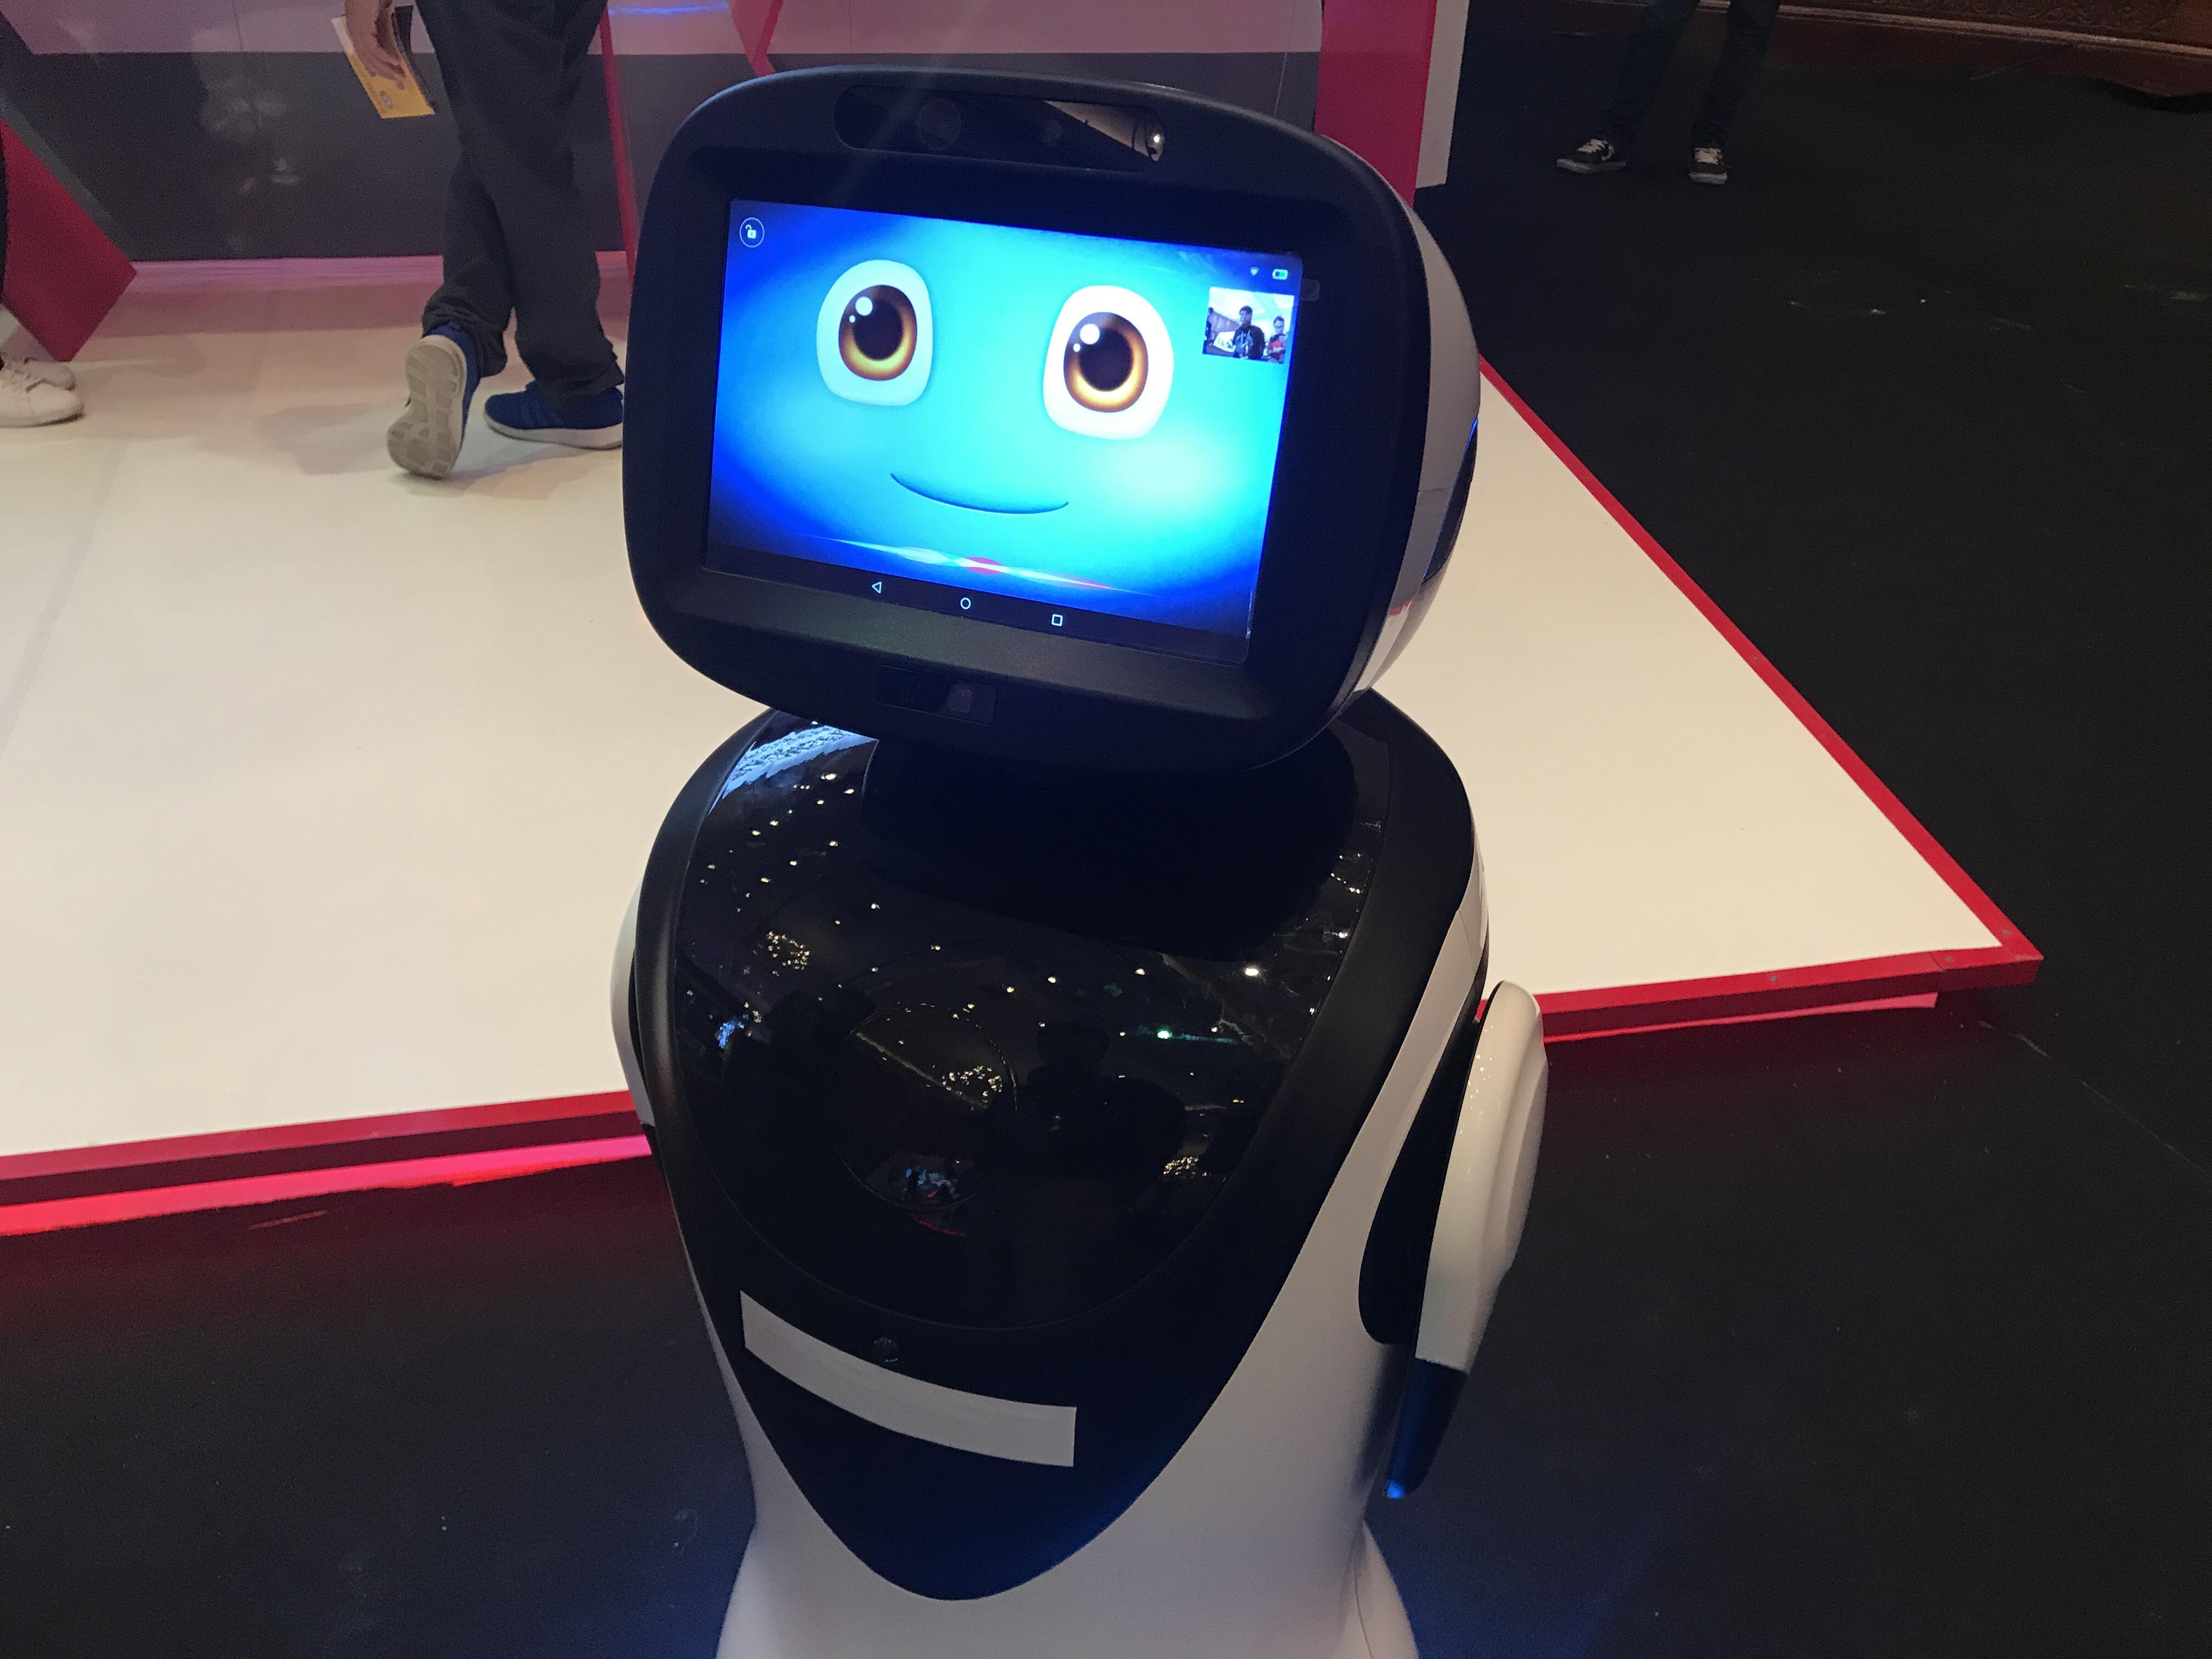 Ngobrol dengan Vero, Robot Pintar Milik Telkomsel